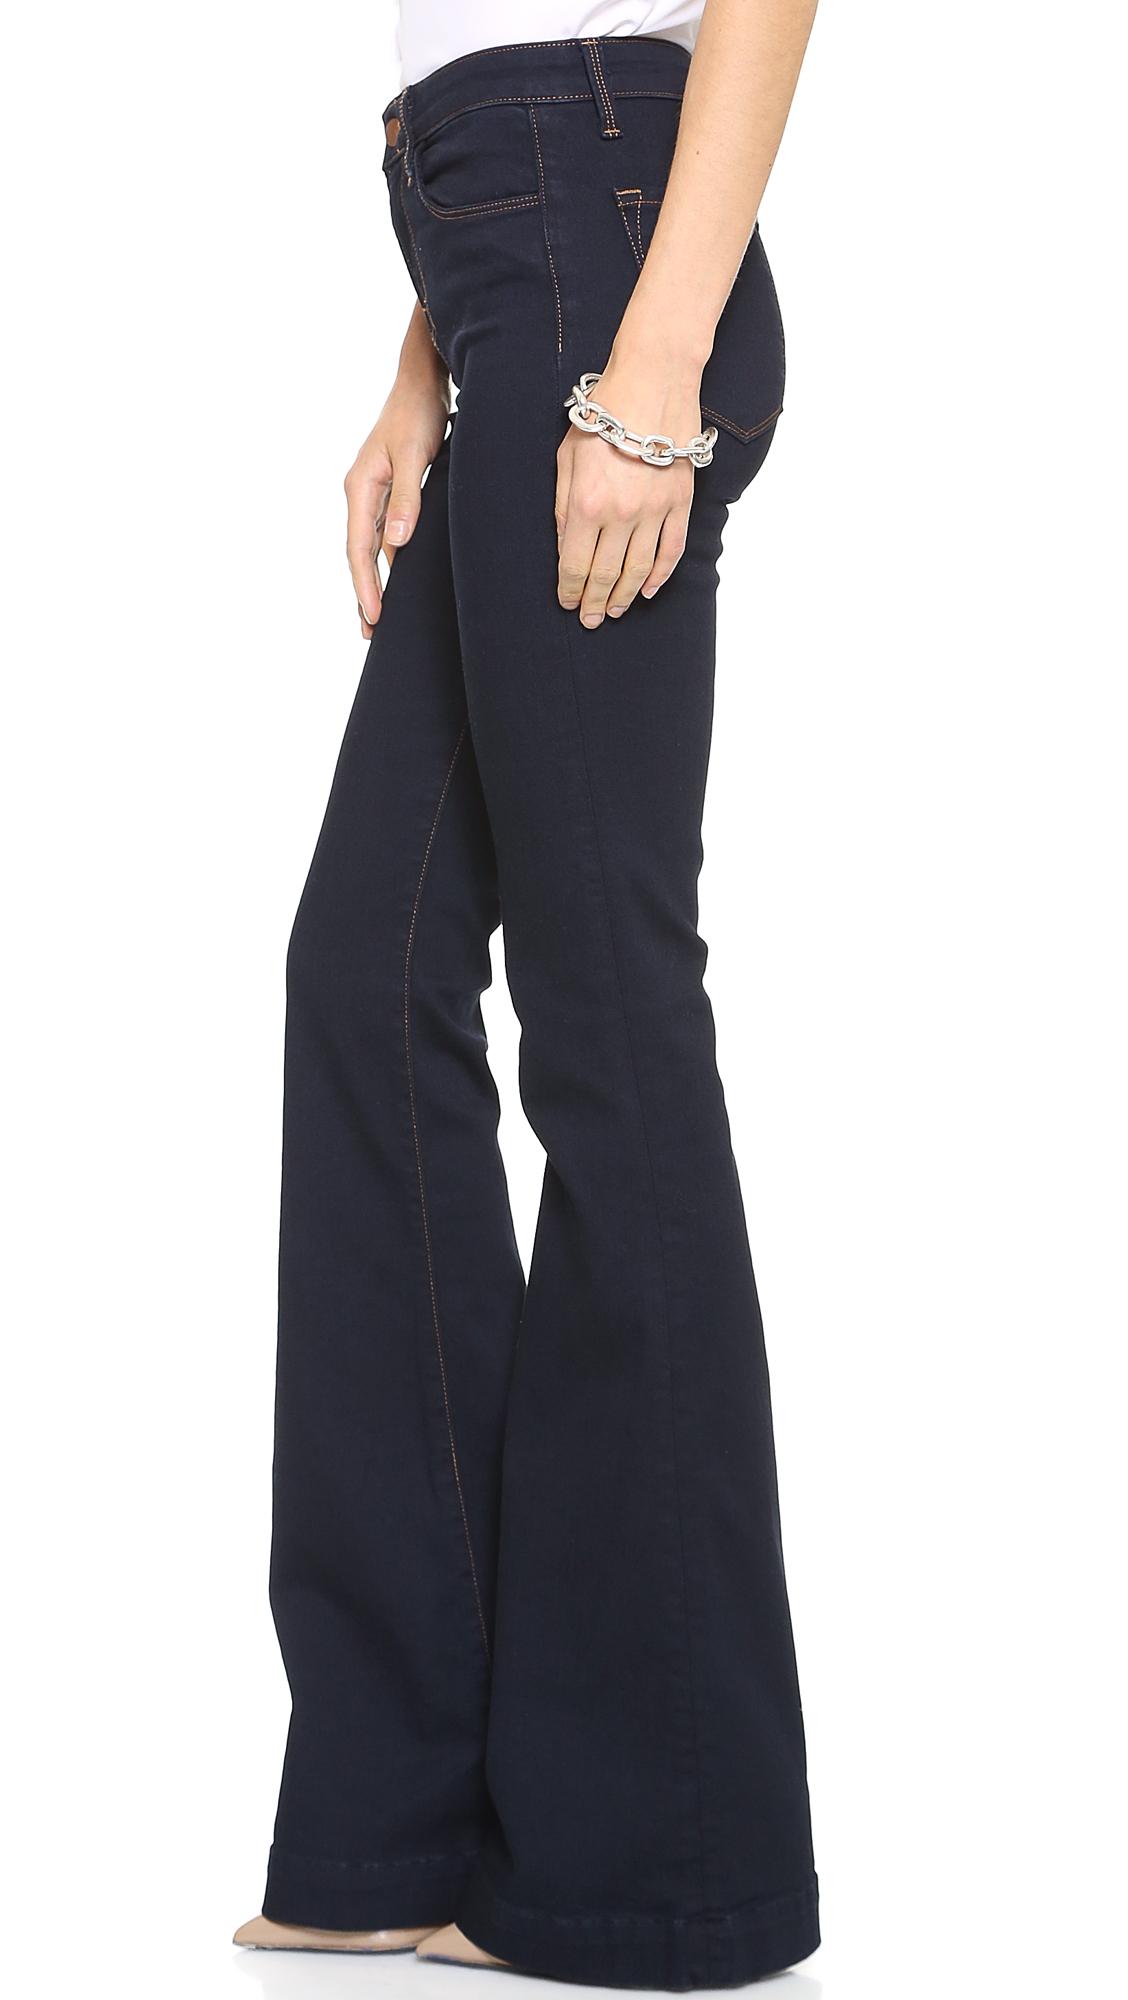 J Brand The Doll High Waist Bell Bottom Jeans Shopbop